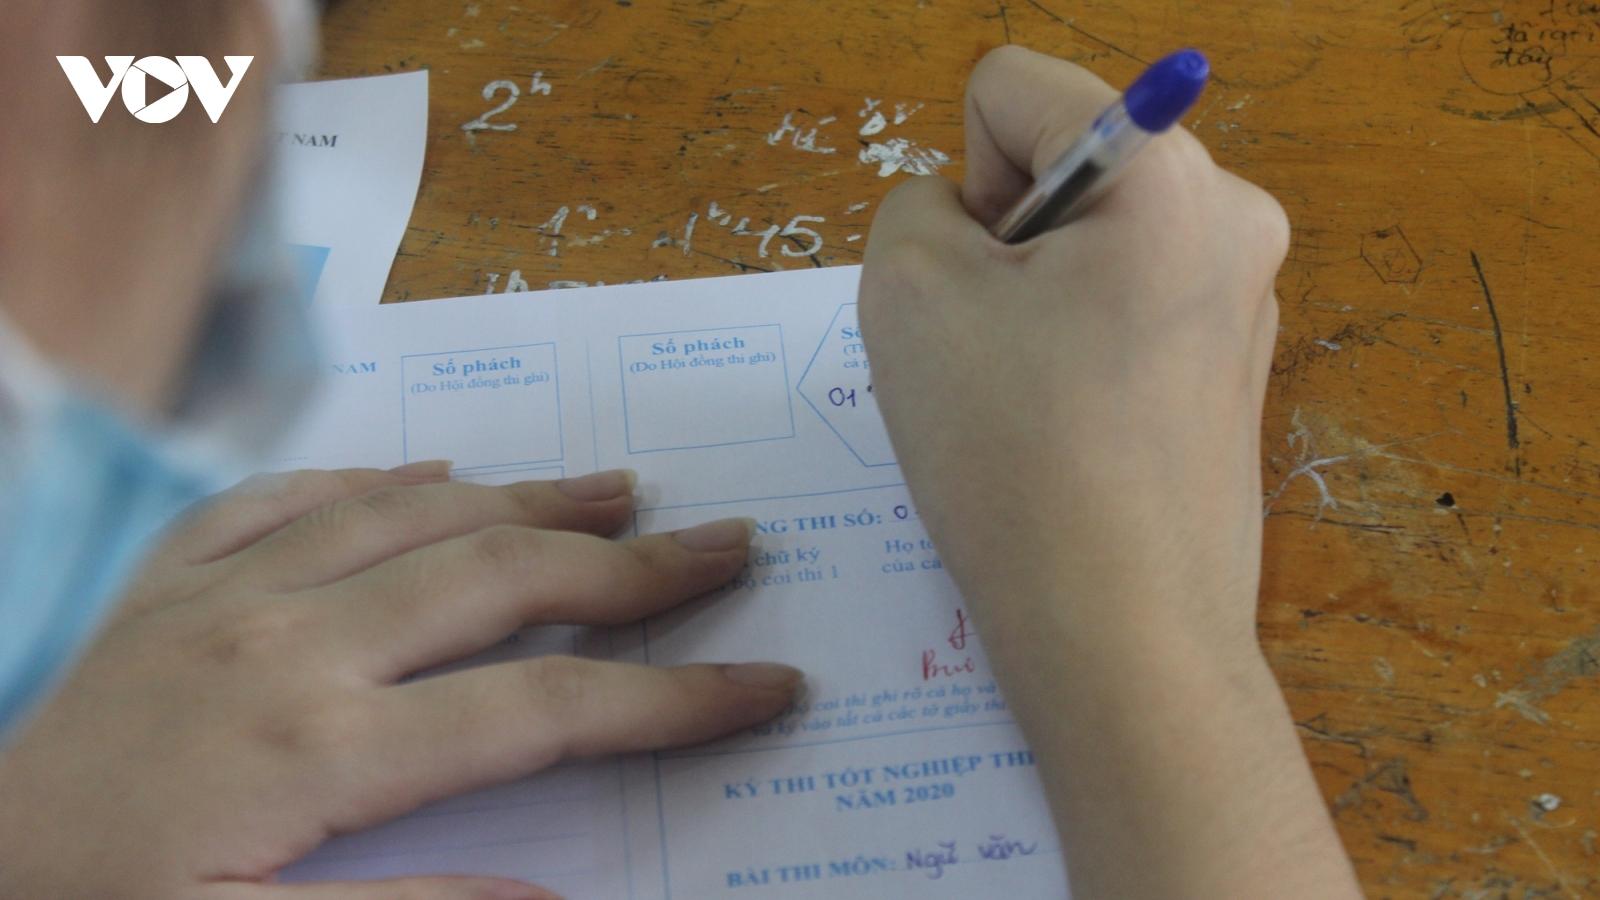 Điểm trung bình môn Hóa học kỳ thi tốt nghiệp THPT là 6,71 điểm